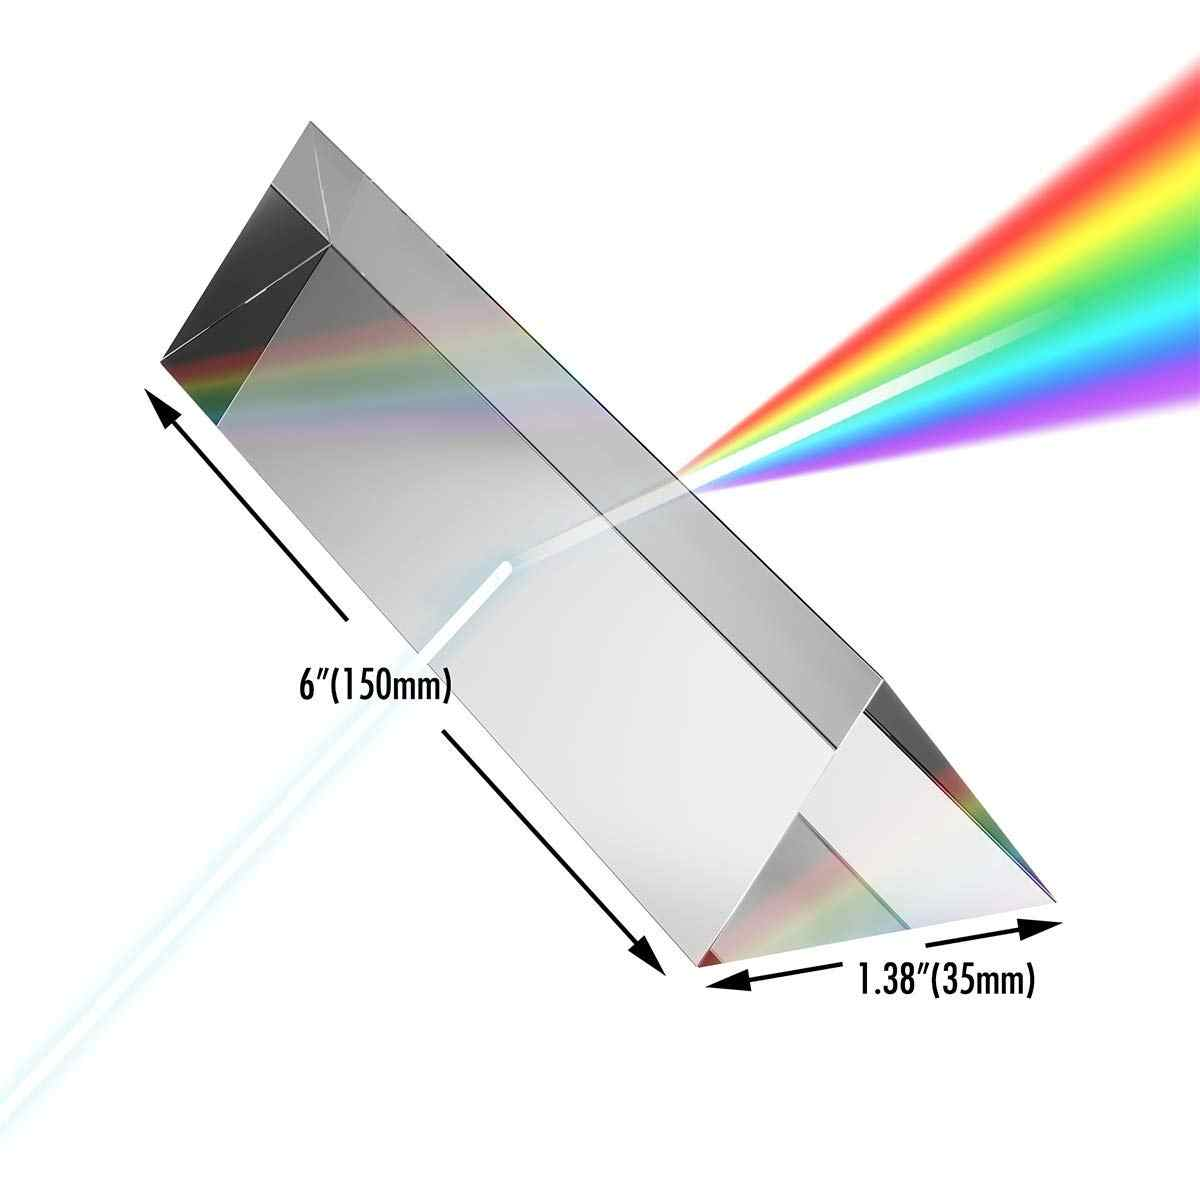 Радужный инструмент для быстрой фотосъемки, оптическое стекло с прямым углом, отражающая треугольная призма, оптический светильник, красочный с вашей камерой